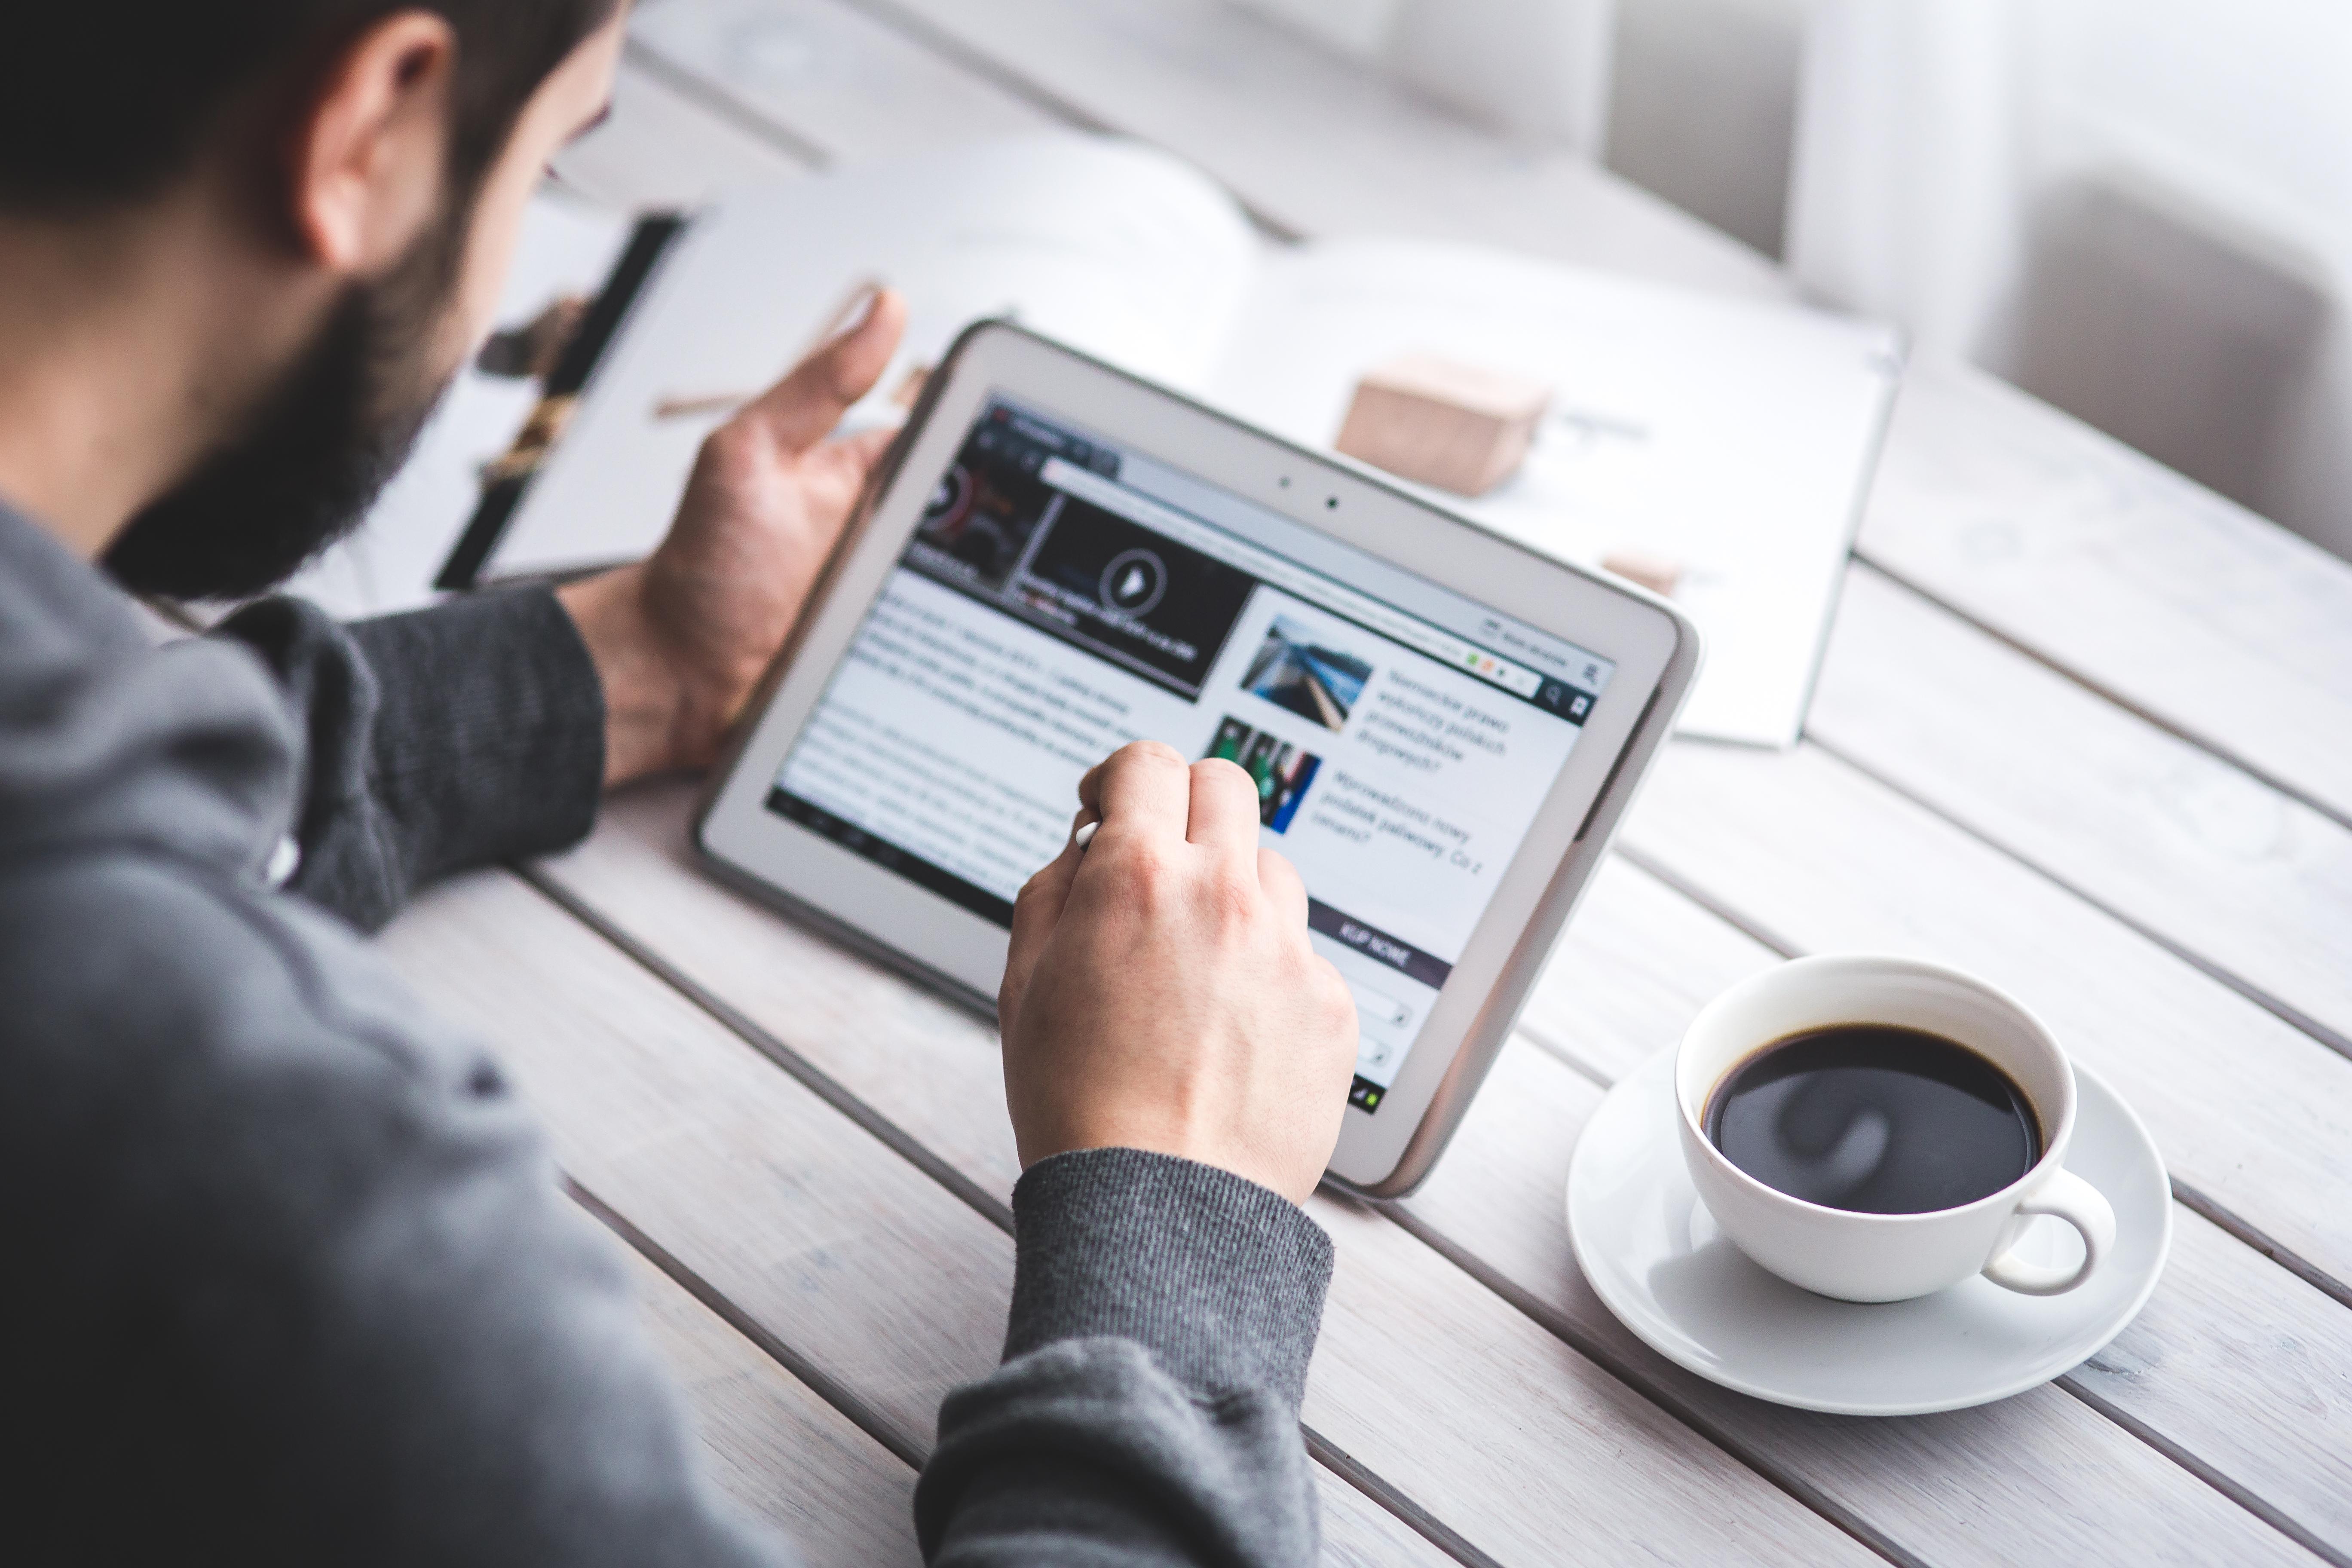 Se vuoi scoprire se è giusto diffondere o meno un comunicato stampa sui social, continua a leggere questo articolo